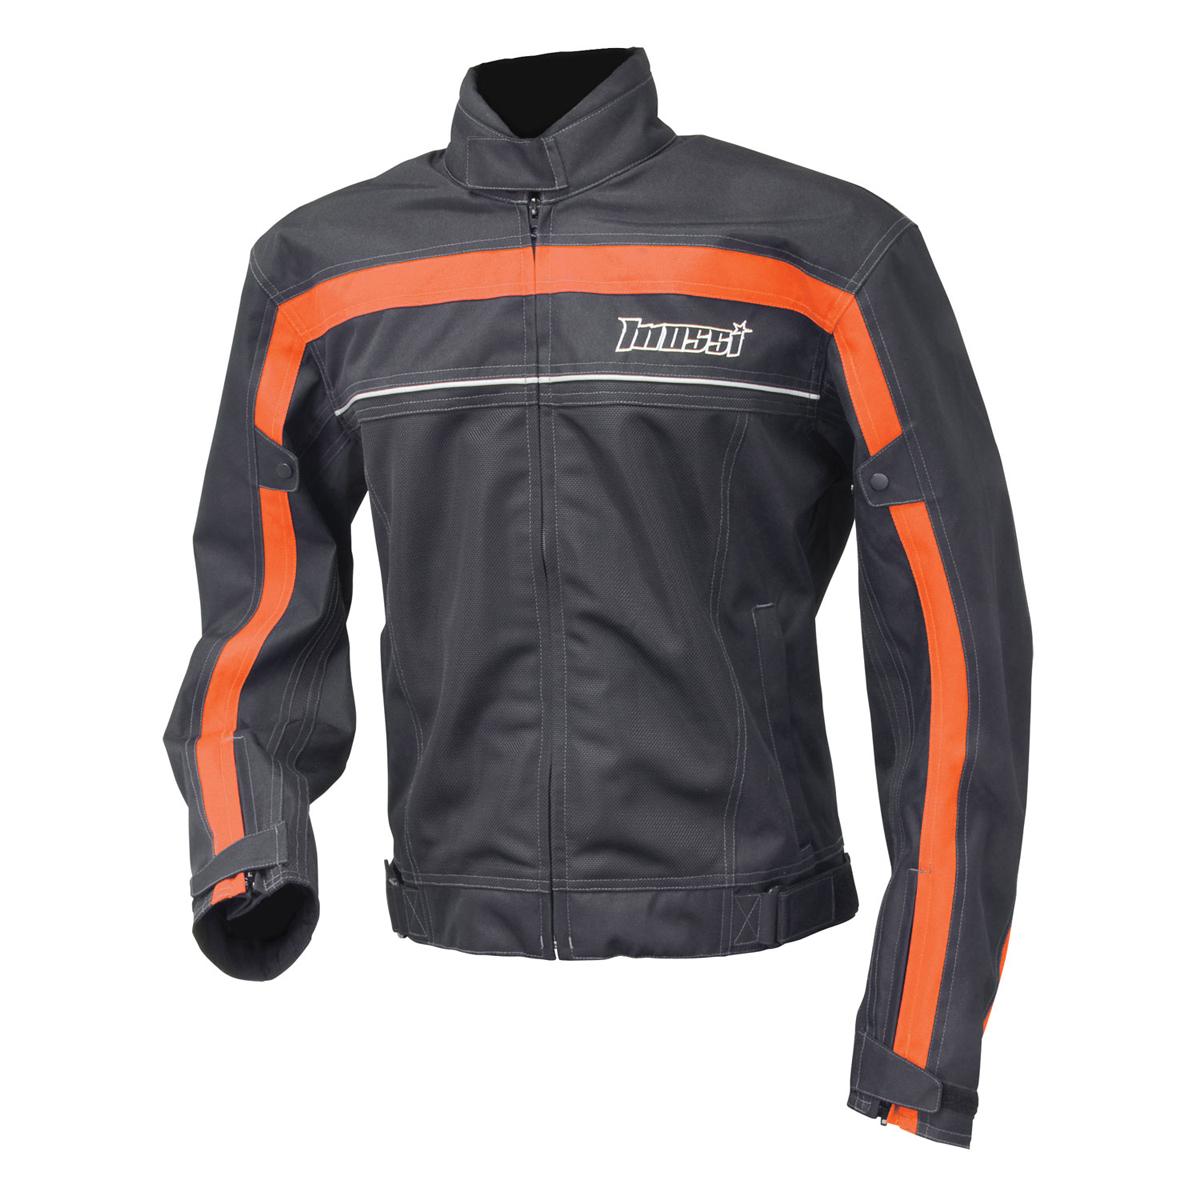 Men's Mossi Jaunt Jacket Motorcycle Riding Coat